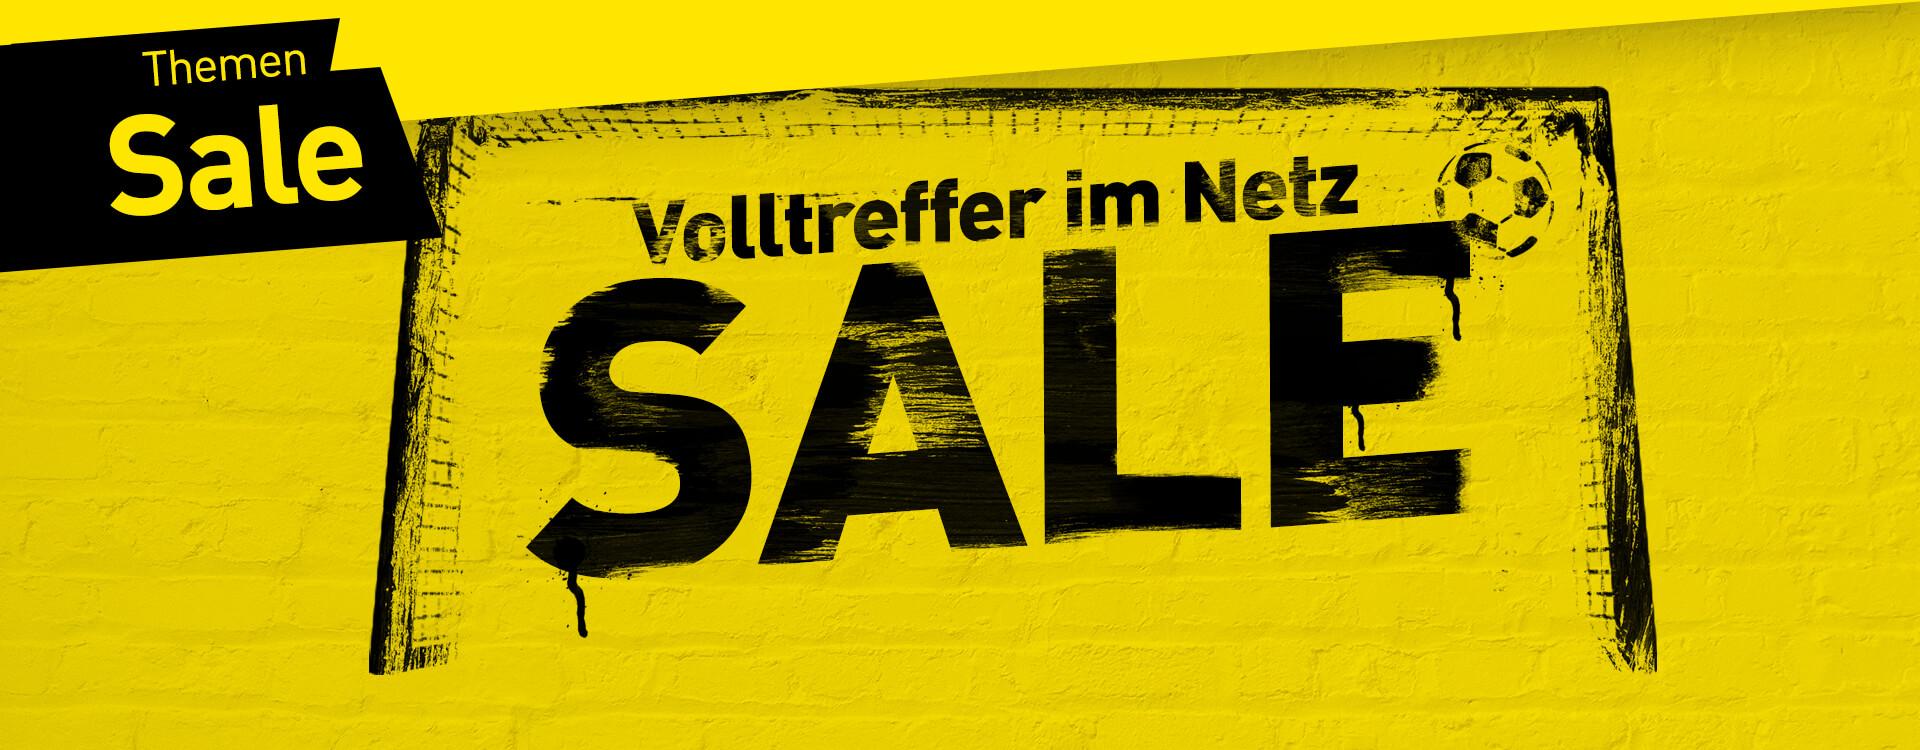 BVB-Fanshop Sale, z.B. Damen Teddy-Parka (XS-2XL) für 39,99€ plus 5€ Versand oder Herren Parka (S-XL) für 59,99€